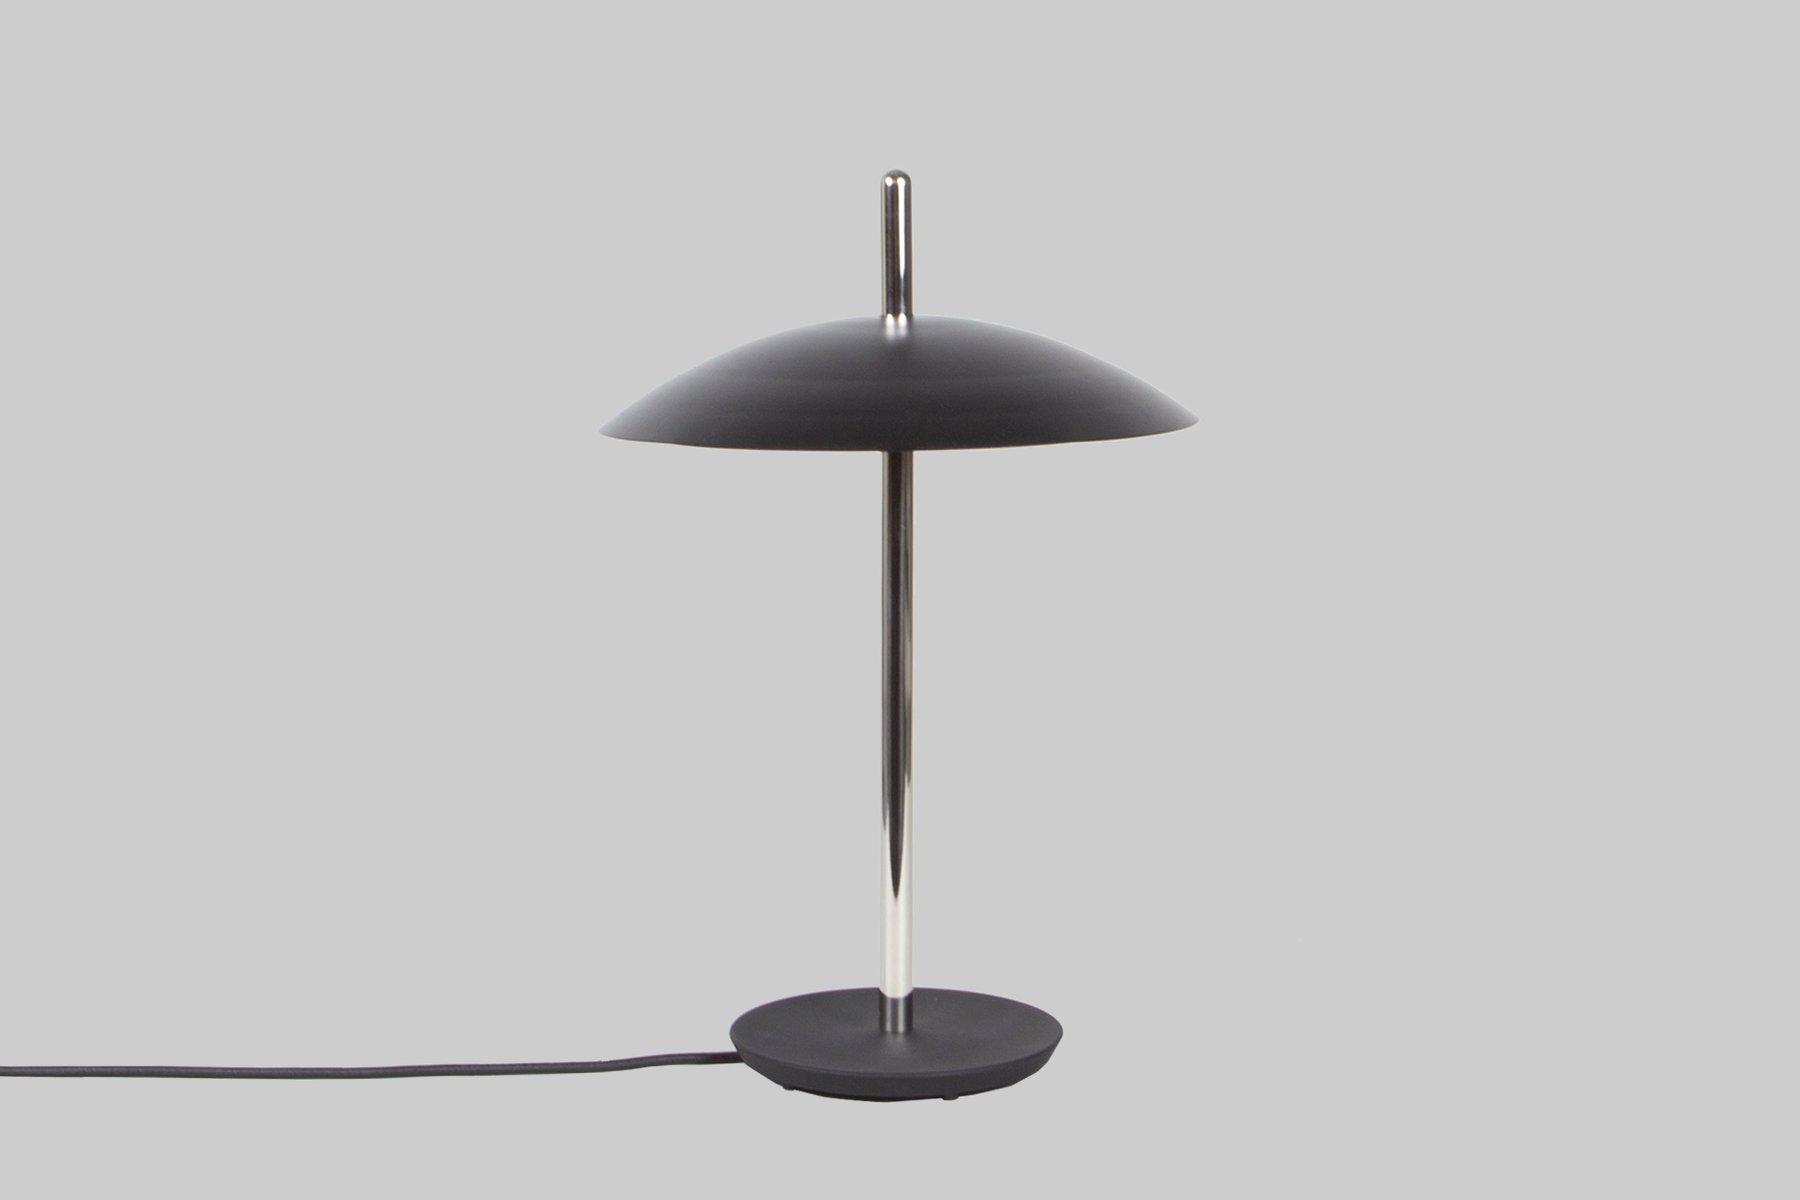 Vernickelte Schwarze Signal Tischlampe von Shaun Kasperbauer für Souda